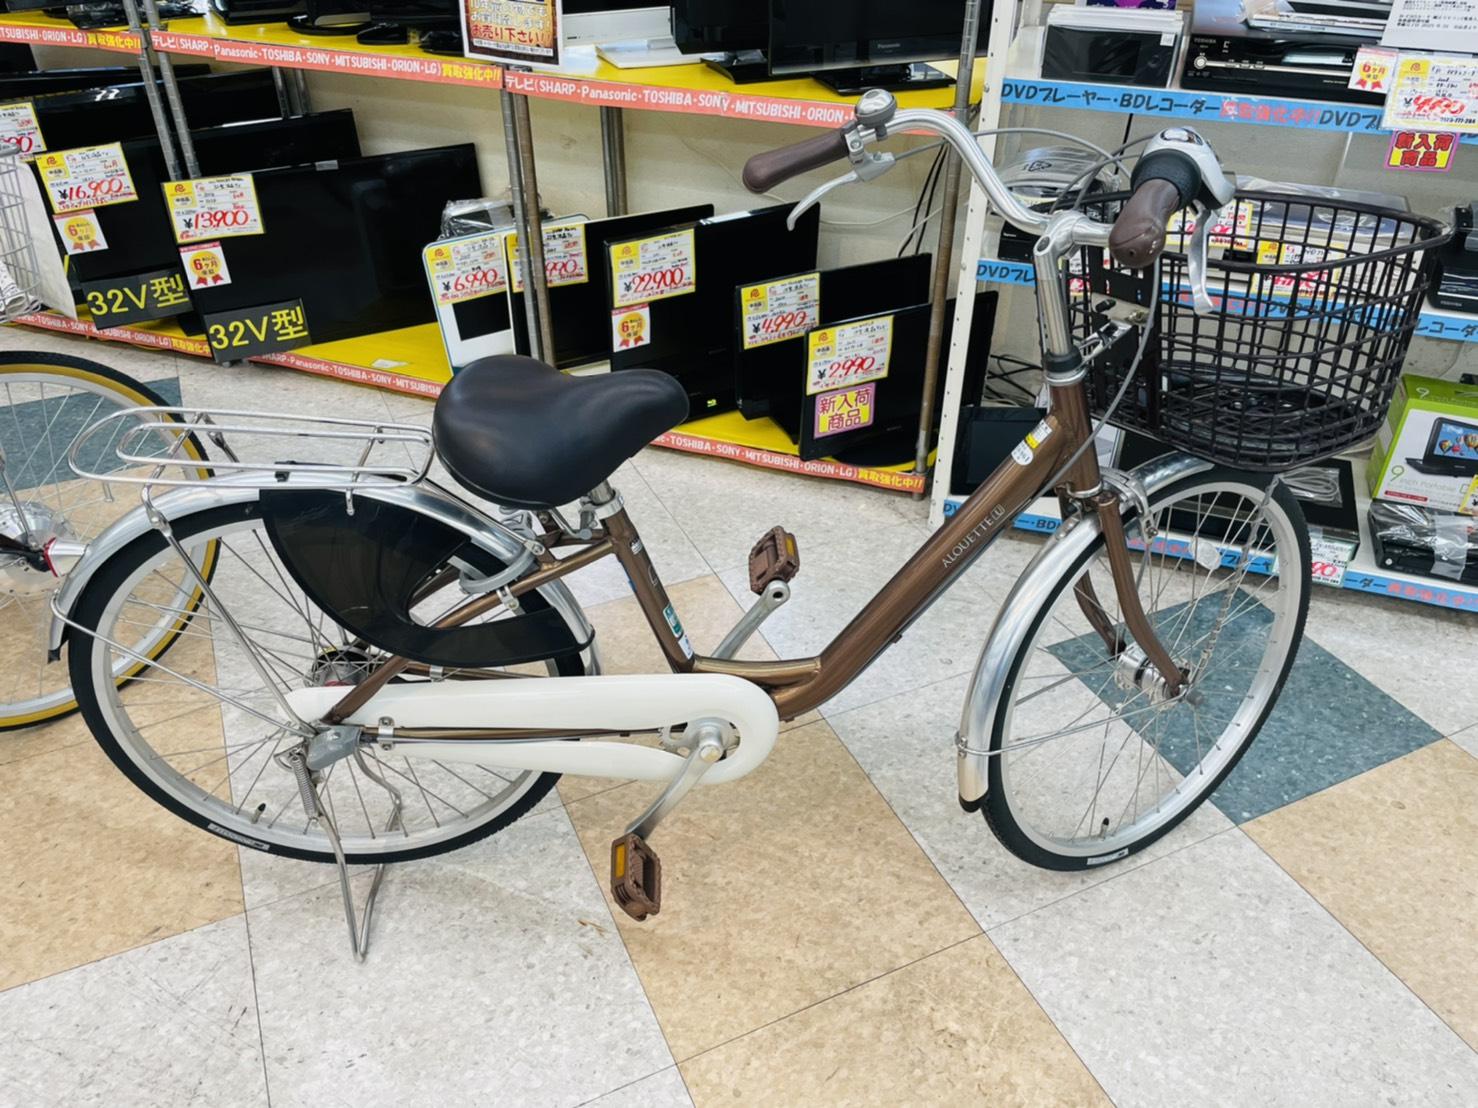 【ALUETTE・U(アルエットU) / 24インチ自転車 / 3段変速ギア】買取させて頂きました!!の買取-